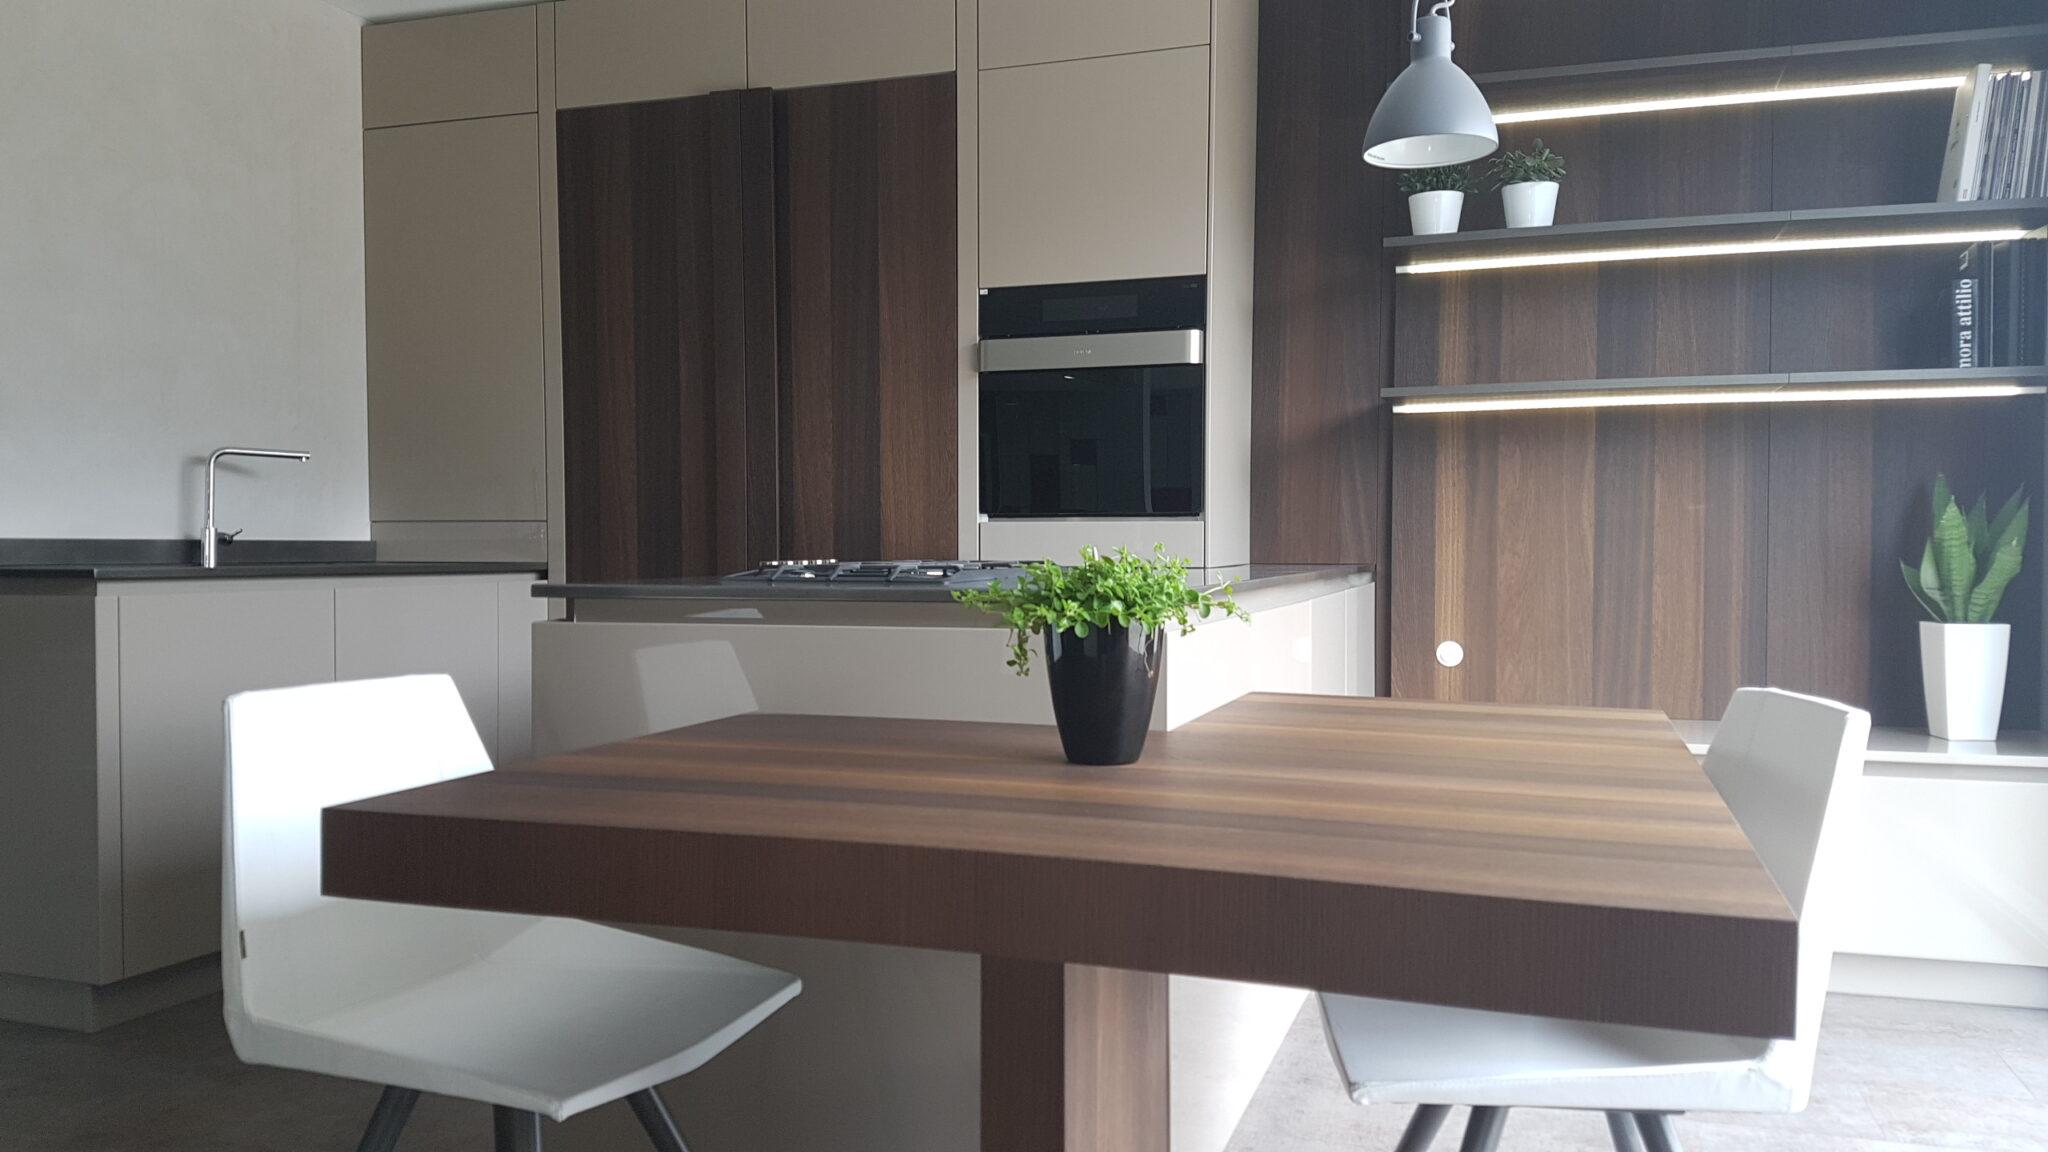 cuisine d exposition conception et am nagement. Black Bedroom Furniture Sets. Home Design Ideas